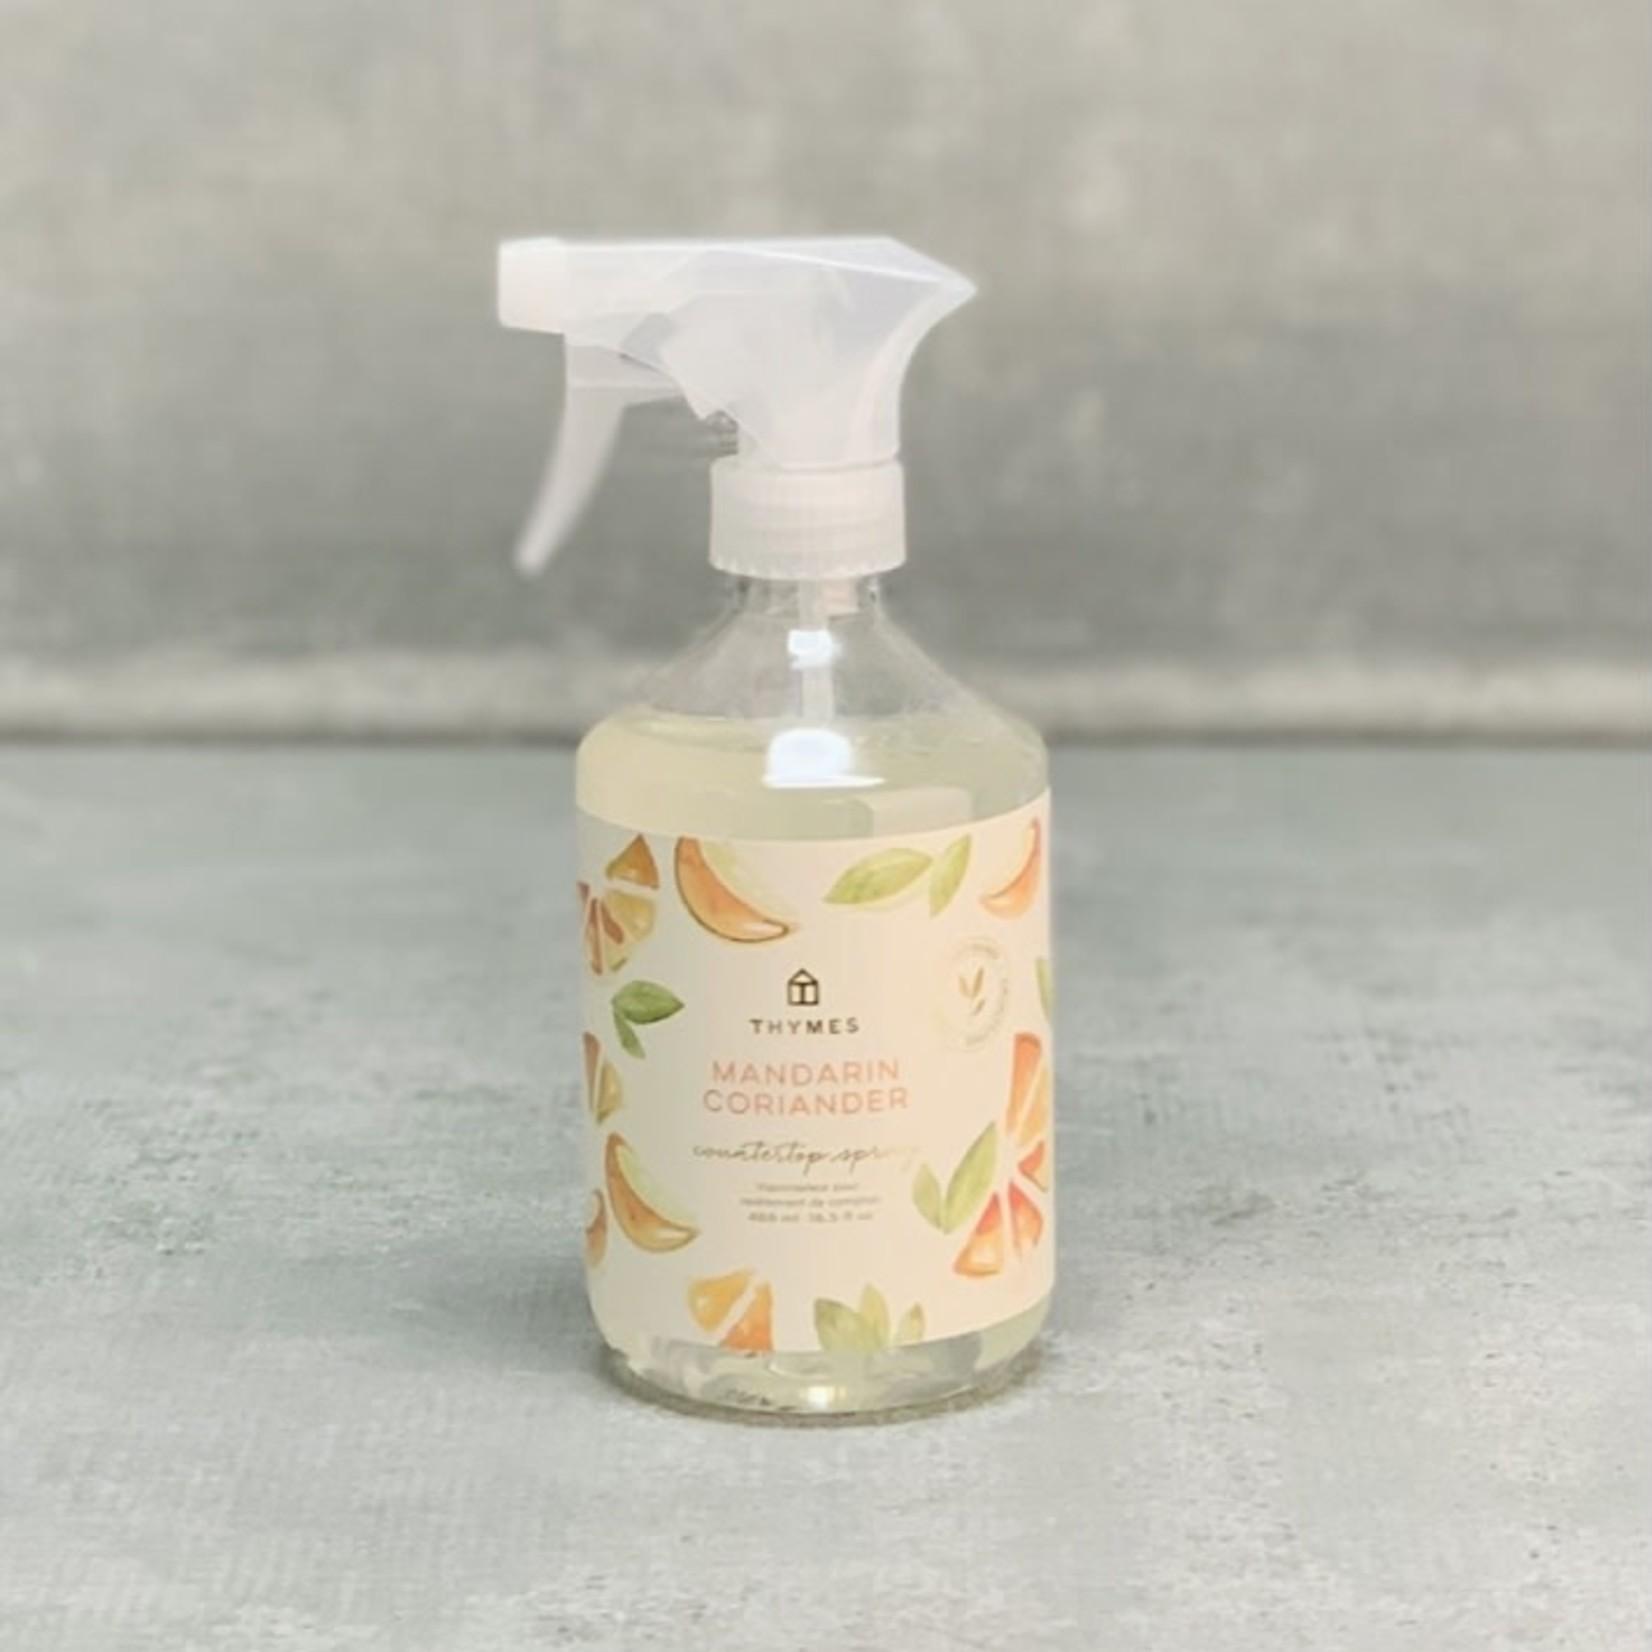 Thymes Countertop Spray